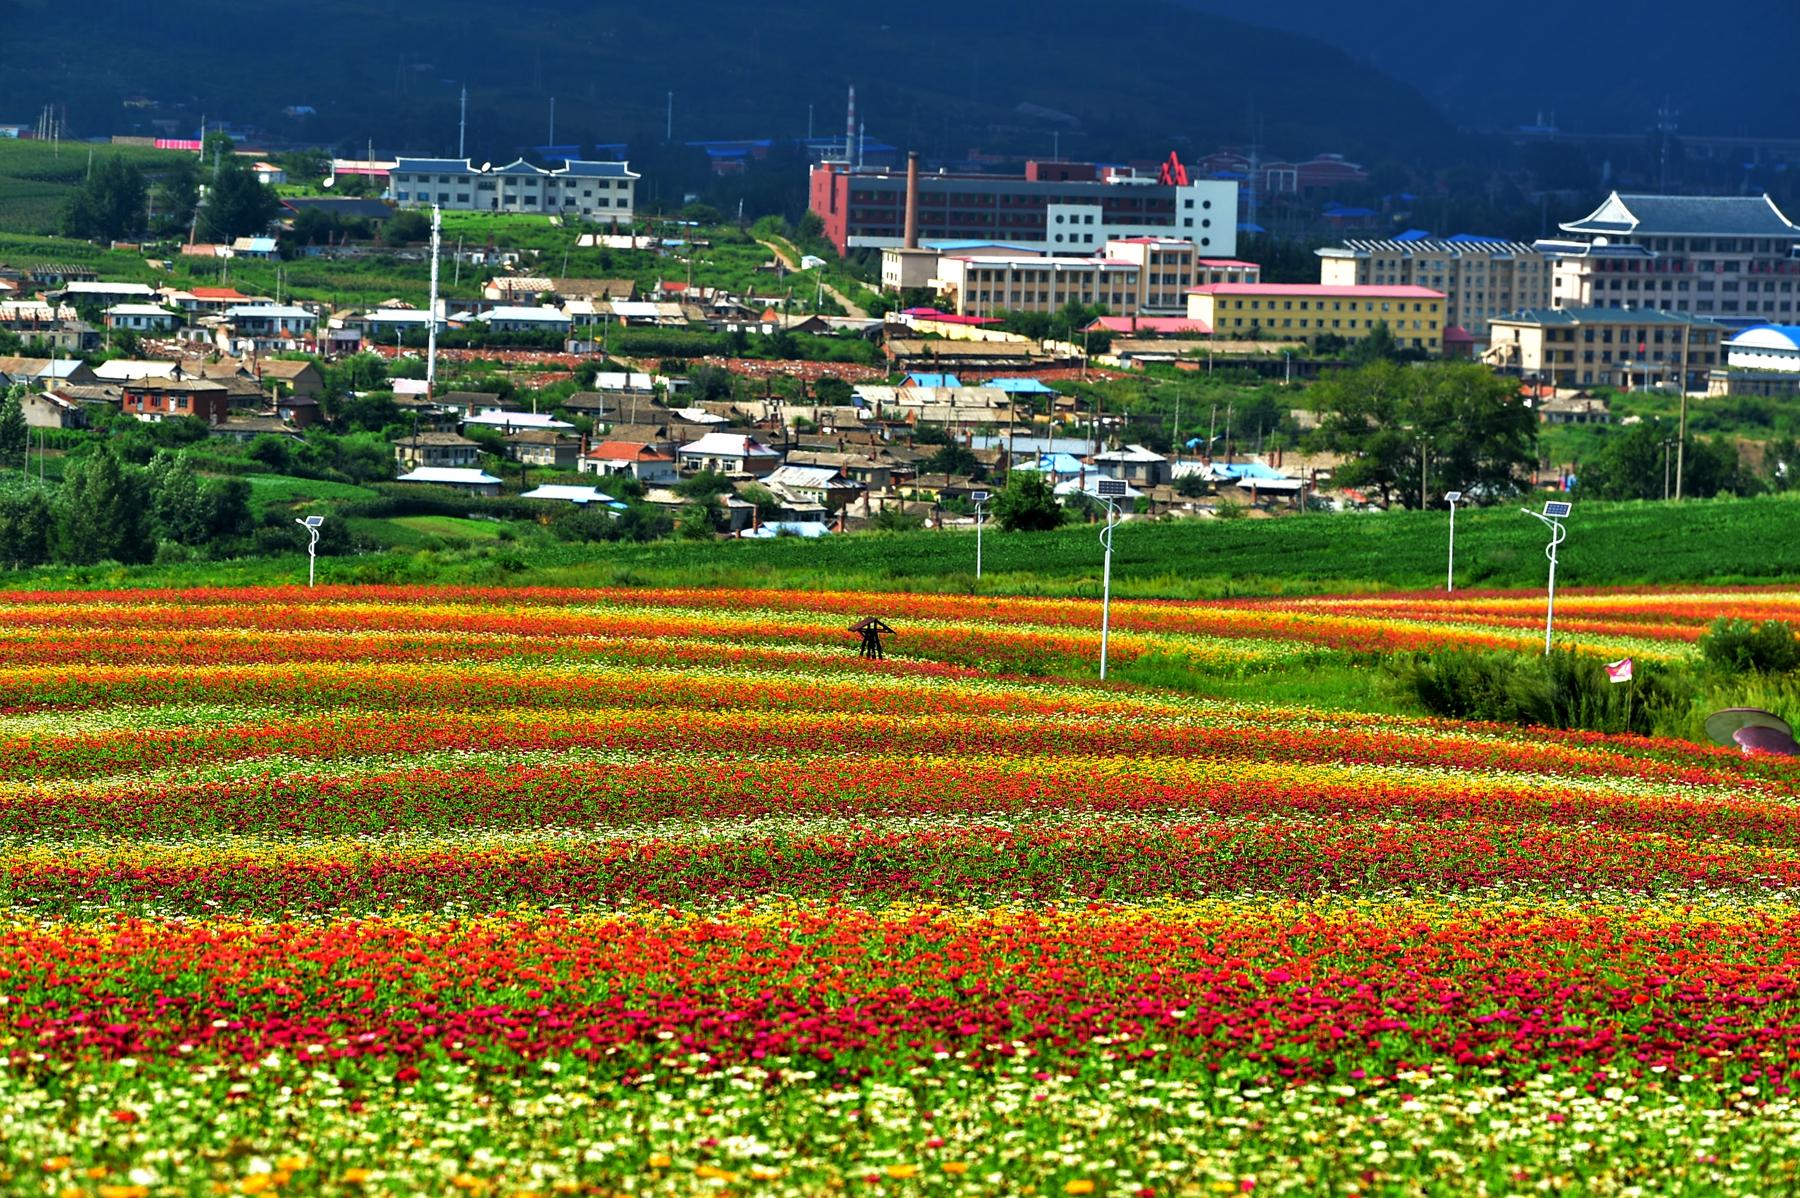 走进图们日光山花海,才知道花海背后就是朝鲜第一夫人的故乡